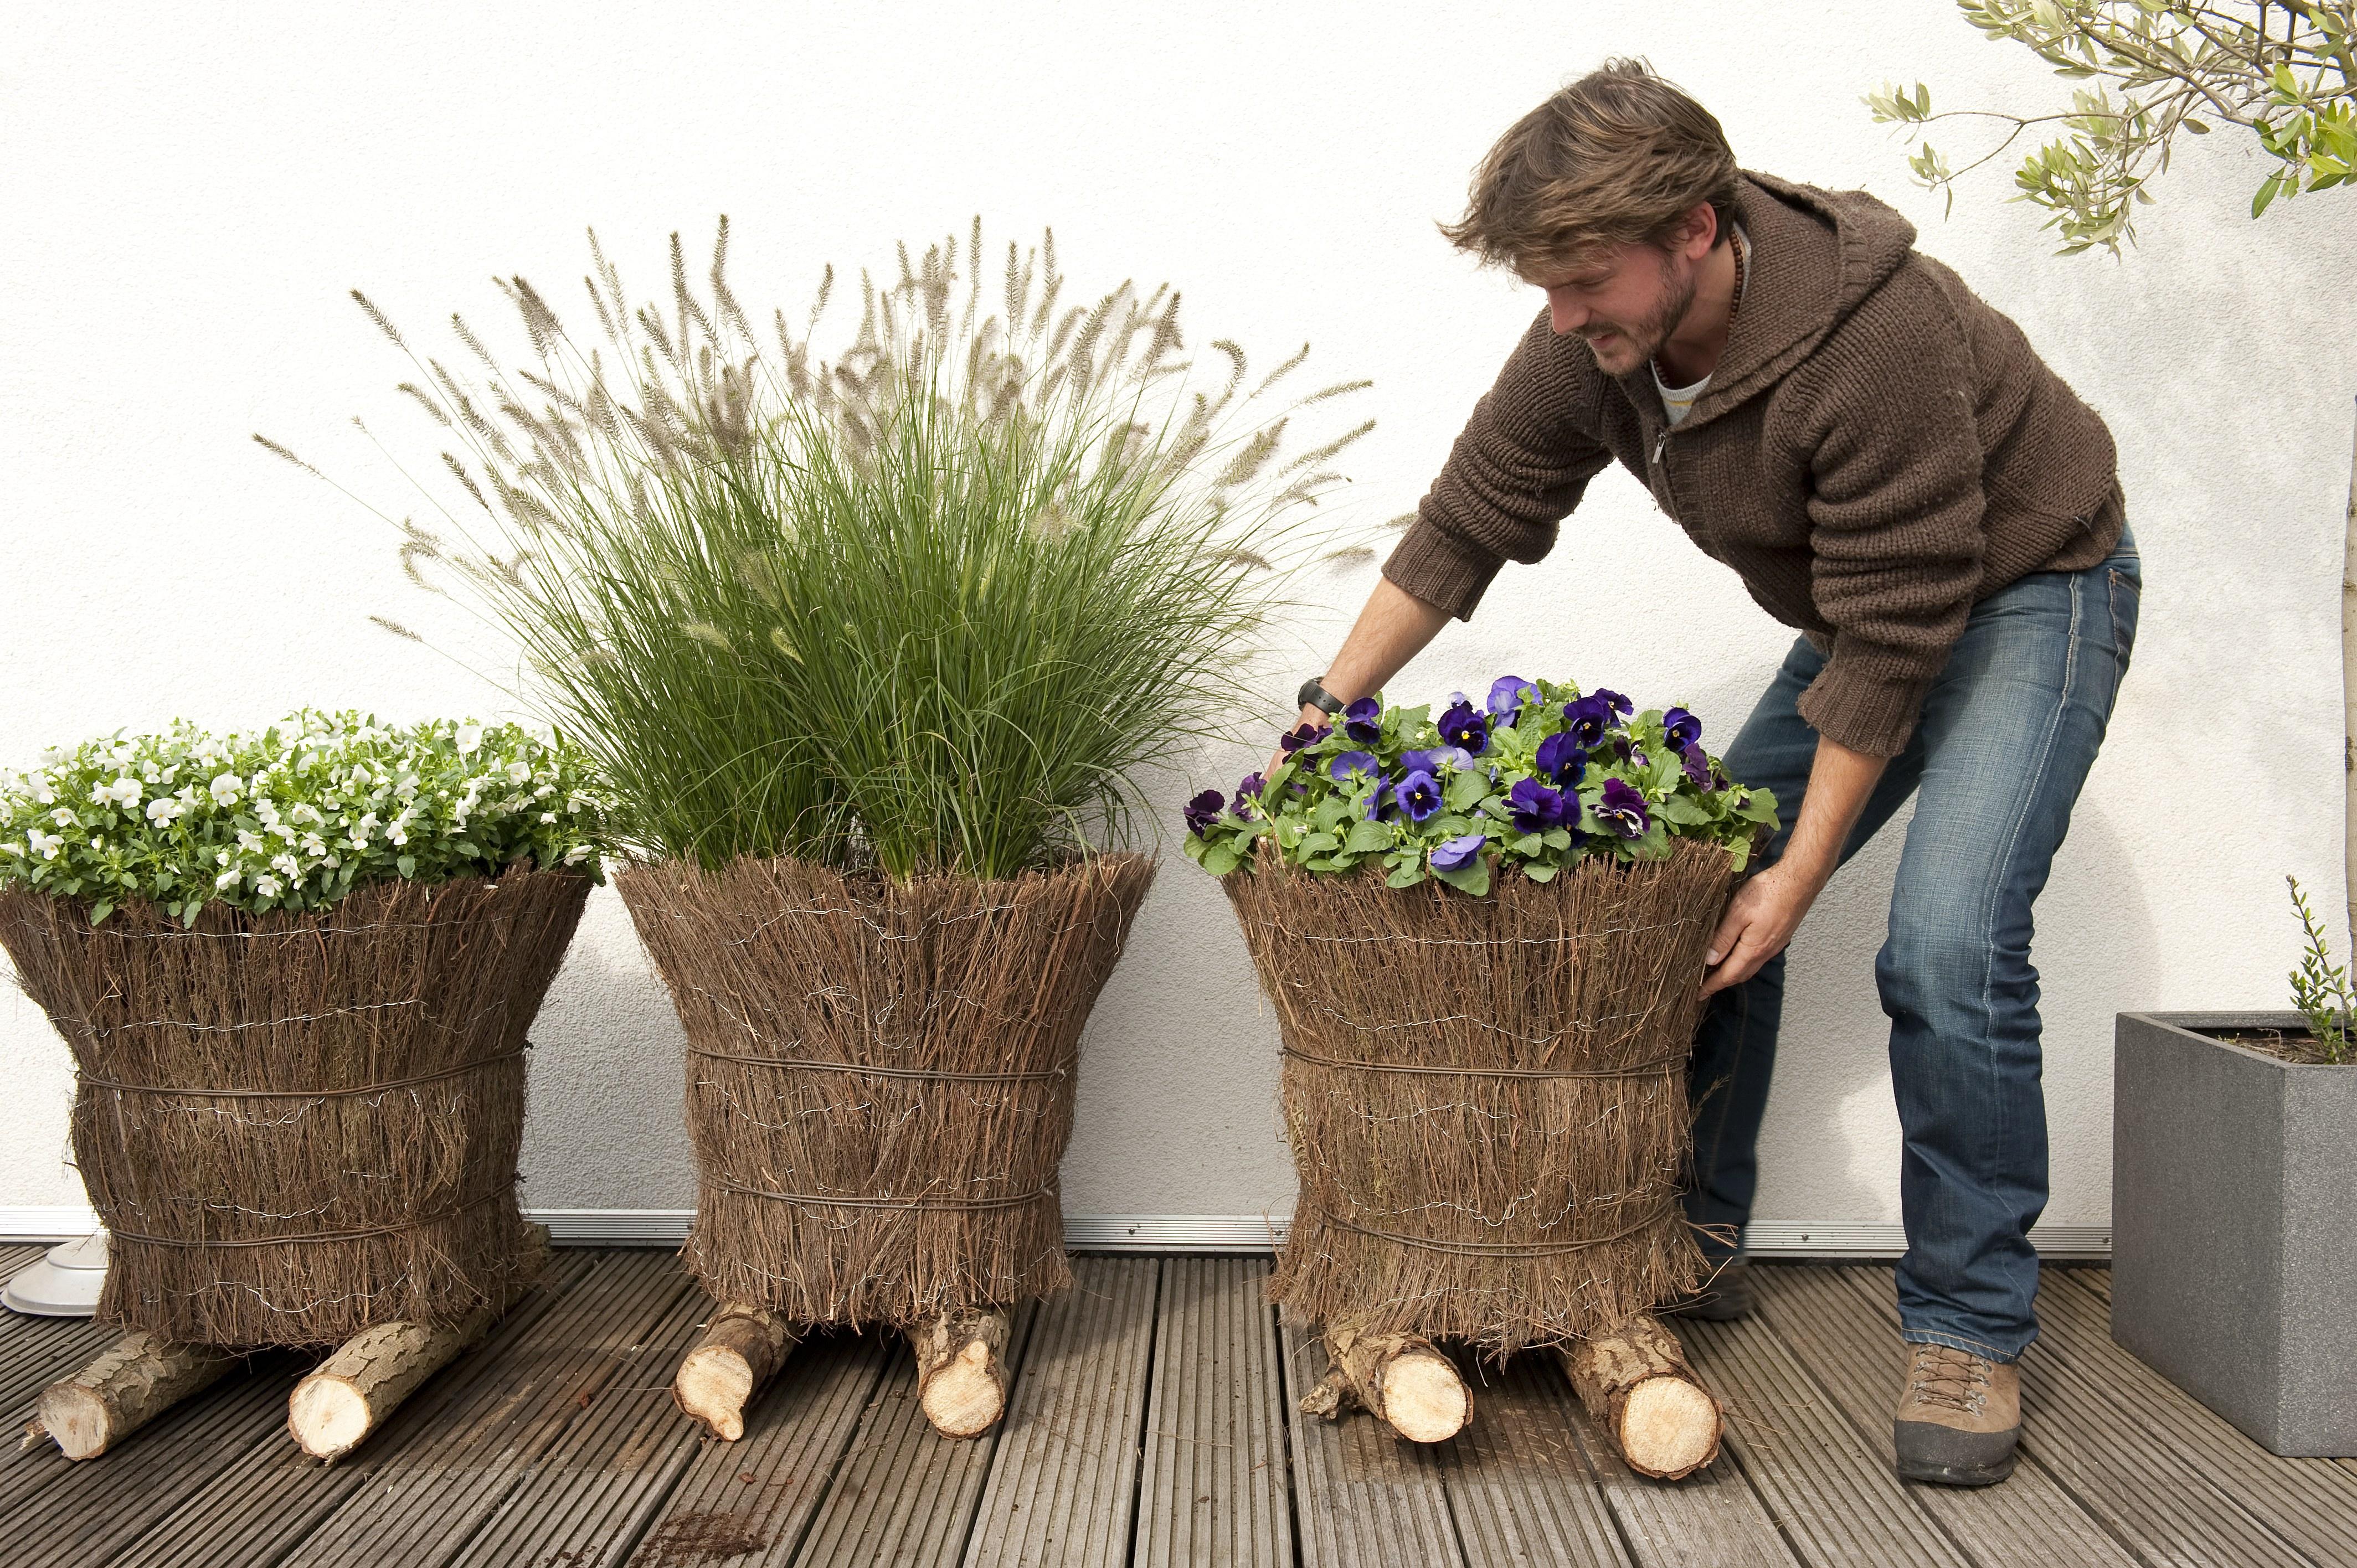 gr ne oasen mit wenig aufwand selber pflanzen und bis in den herbst genie en zeit f r natur. Black Bedroom Furniture Sets. Home Design Ideas